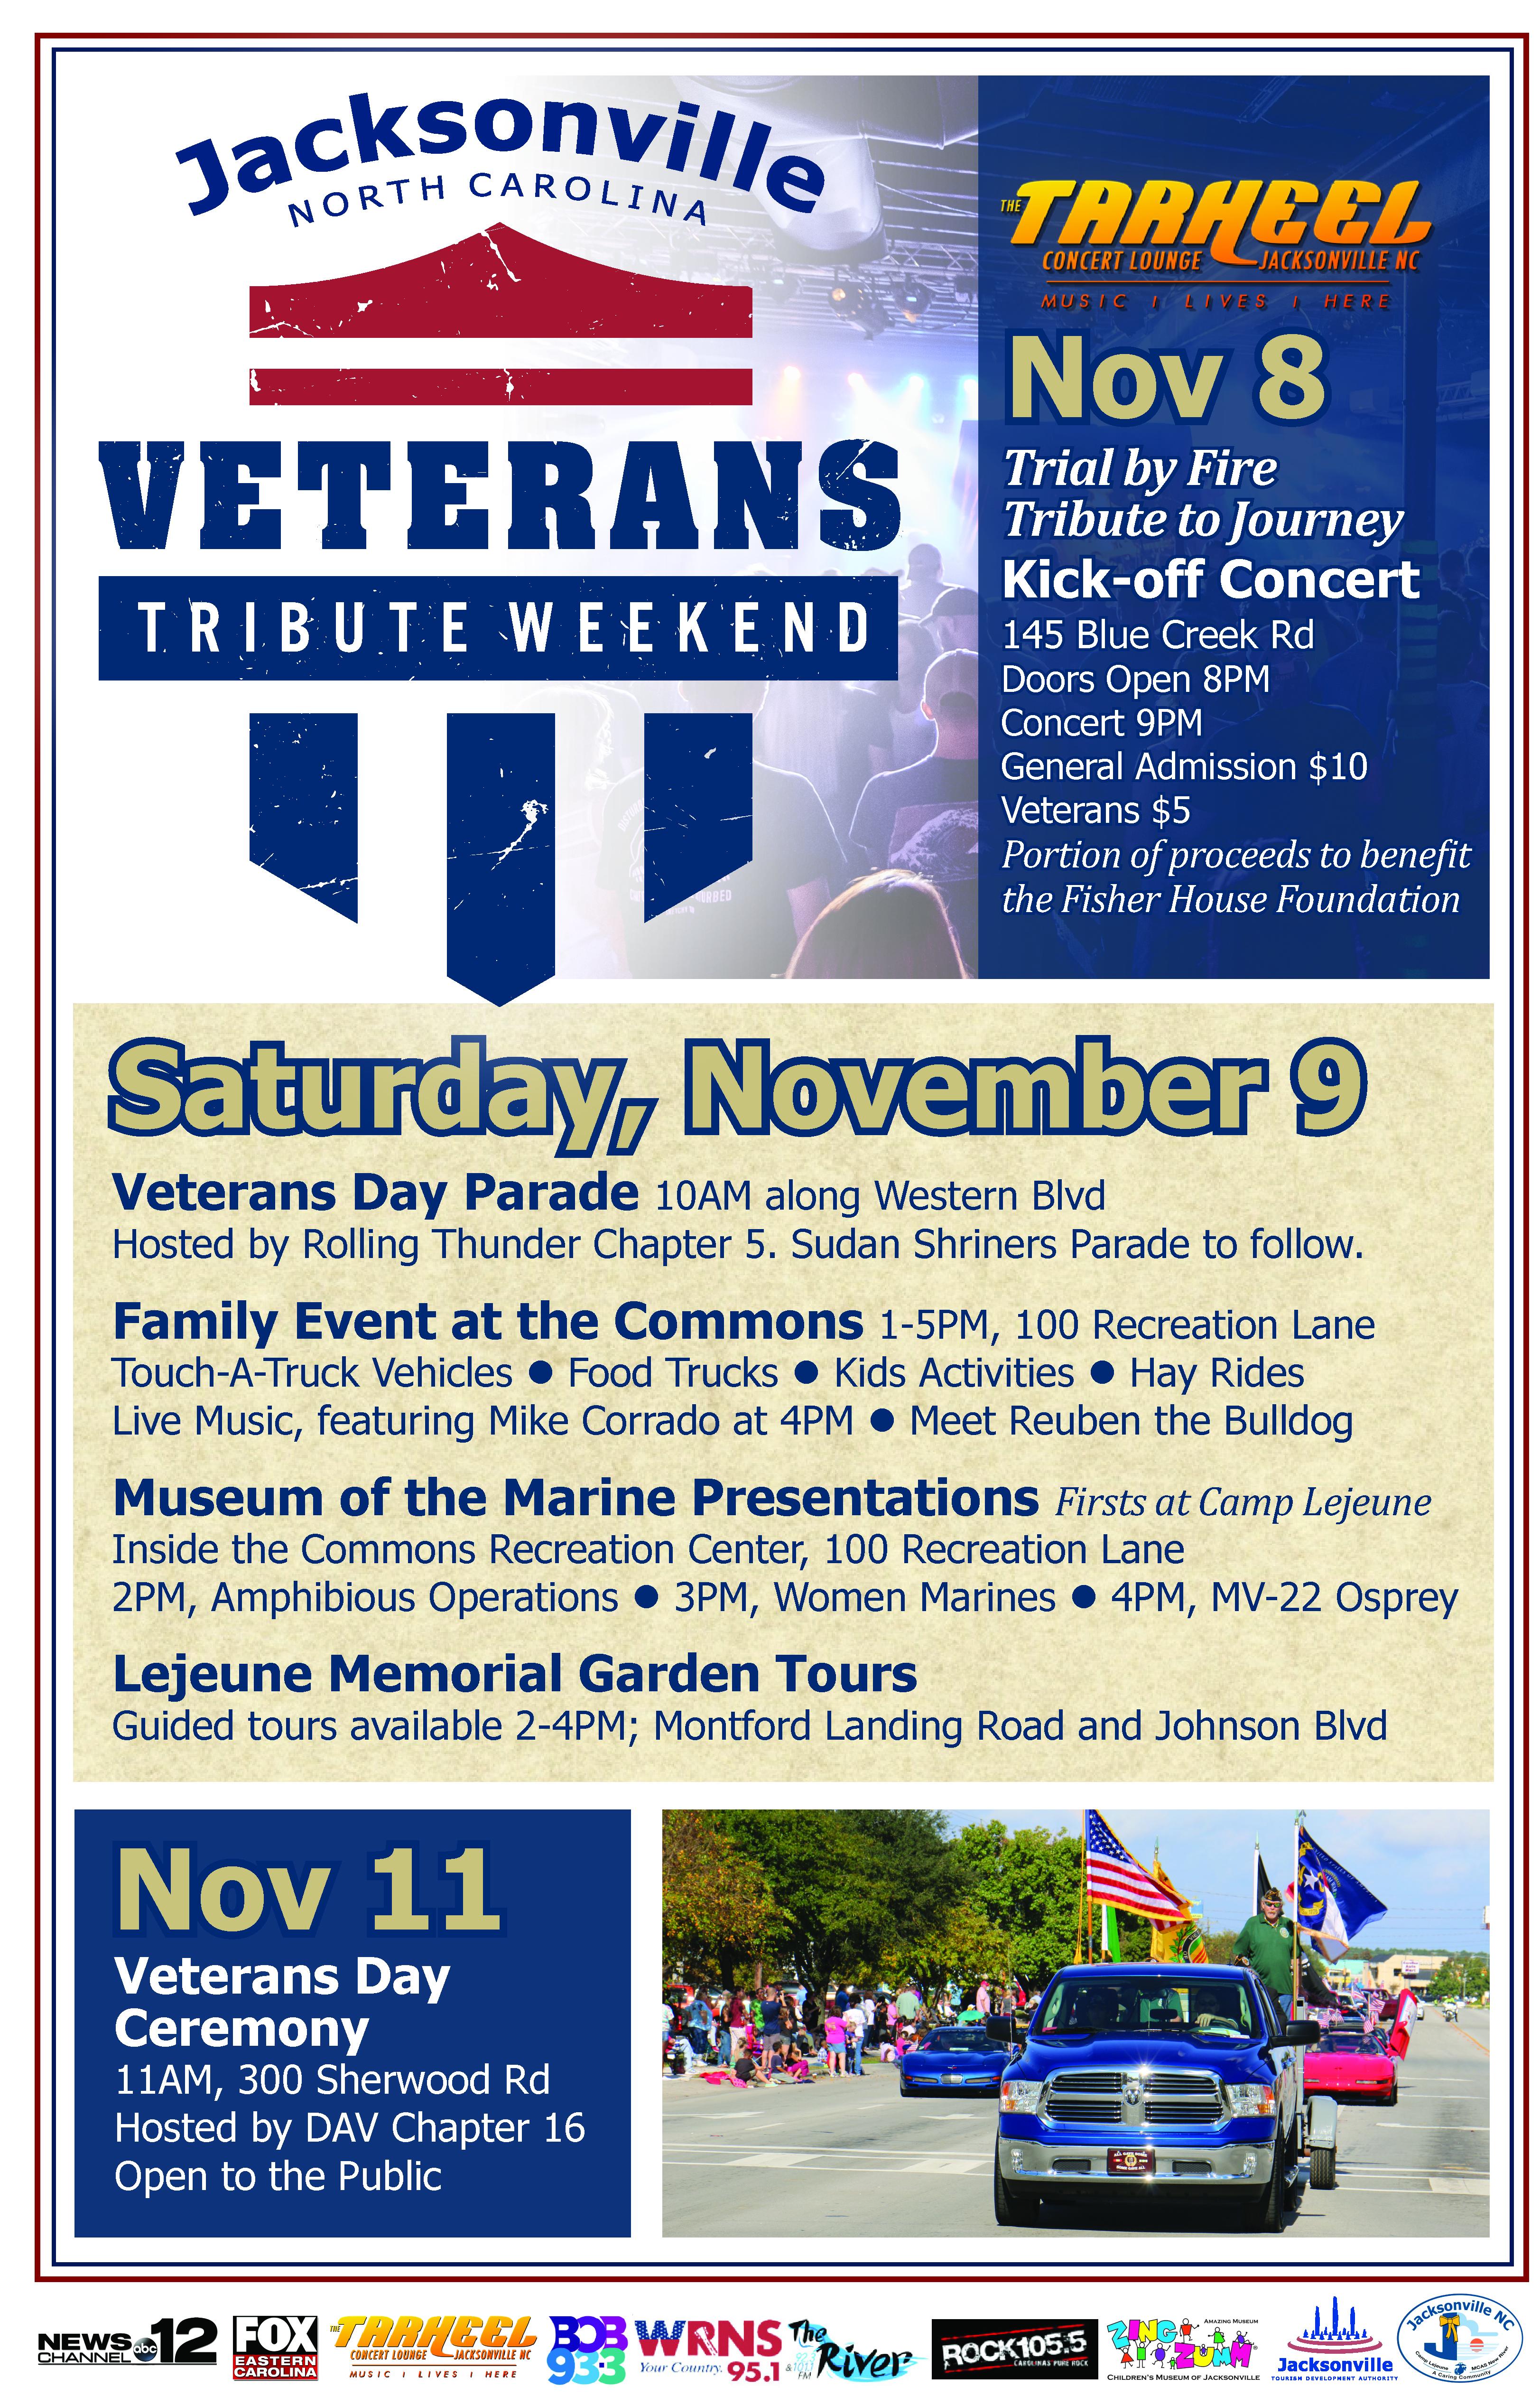 Jacksonville NC Veteran's Tribute Weekend